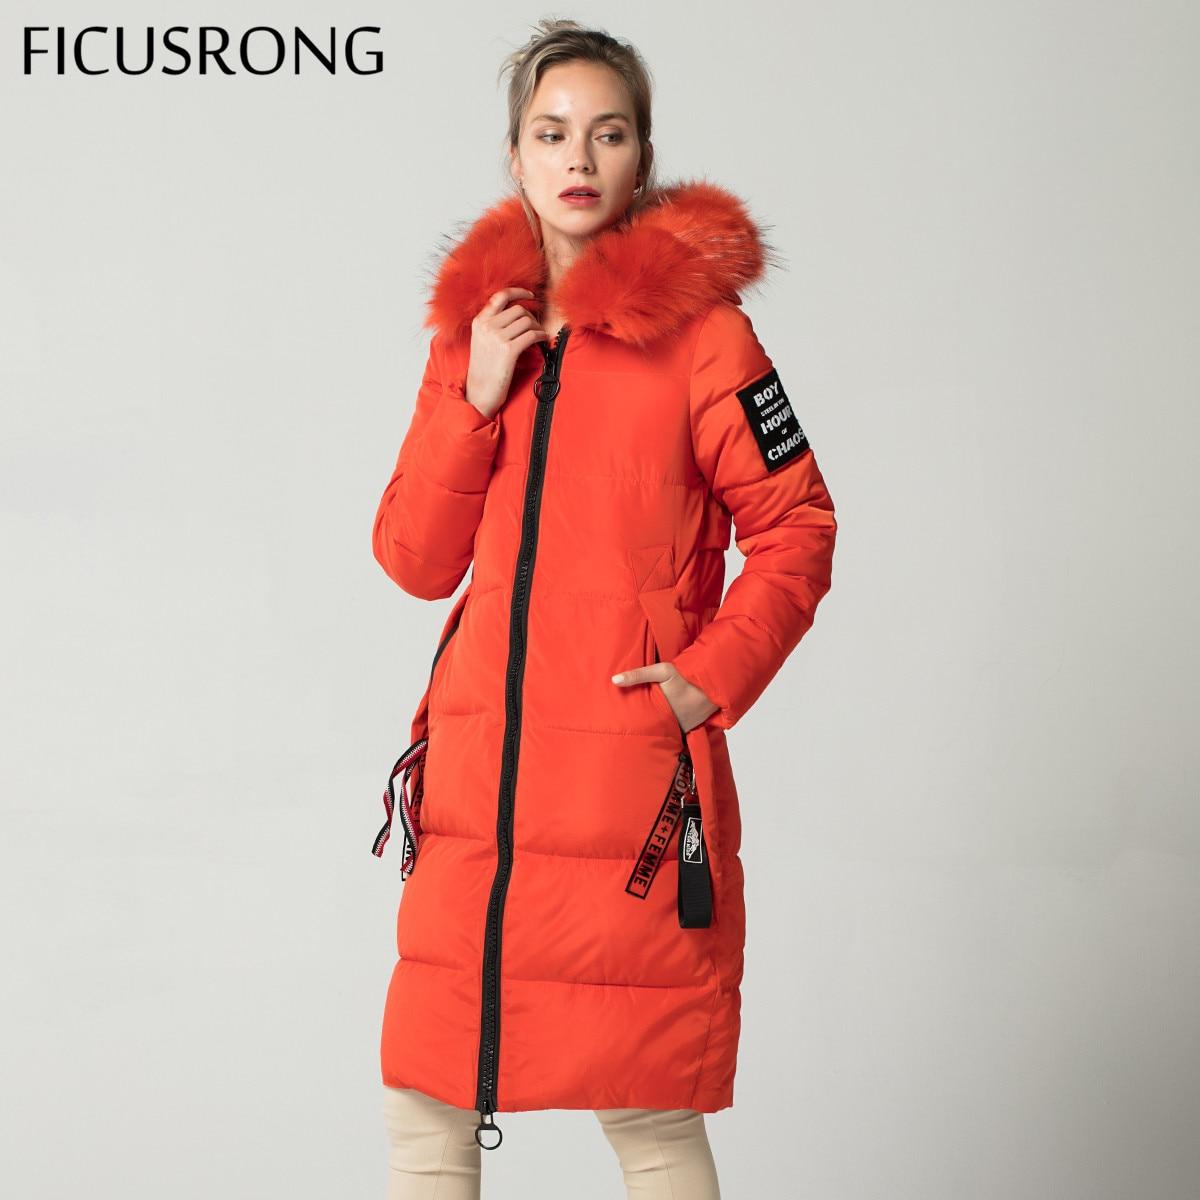 FICUSRONG nouvelle mode ORANGE chaud fourrure Parkas longue veste d'hiver femmes épaissir mince femme veste hiver femmes manteau à capuche